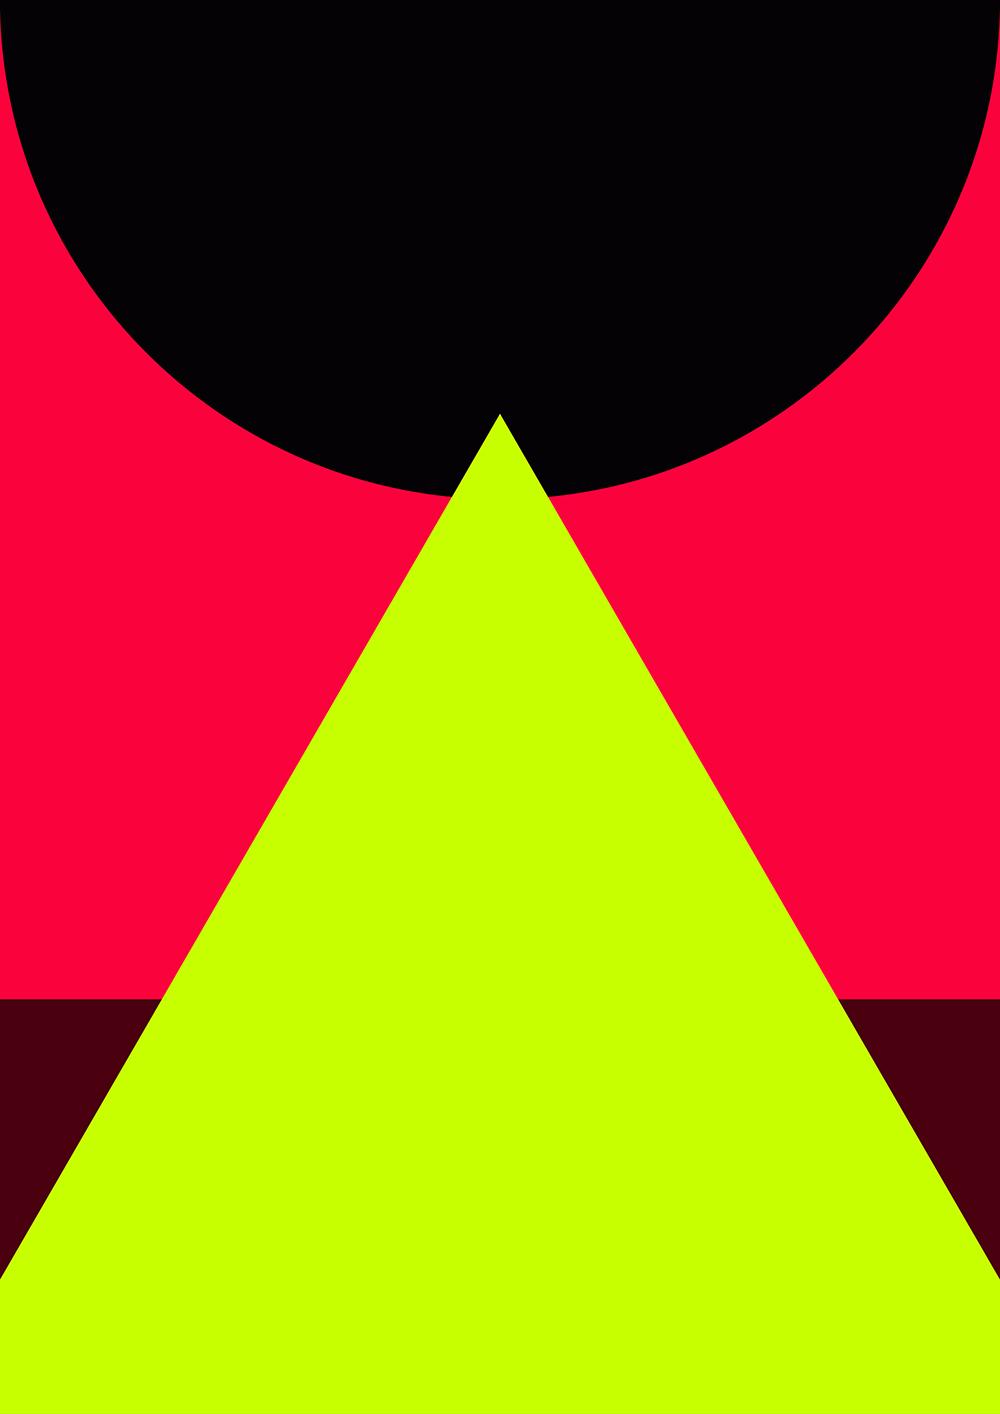 3 Shapes2314.jpg